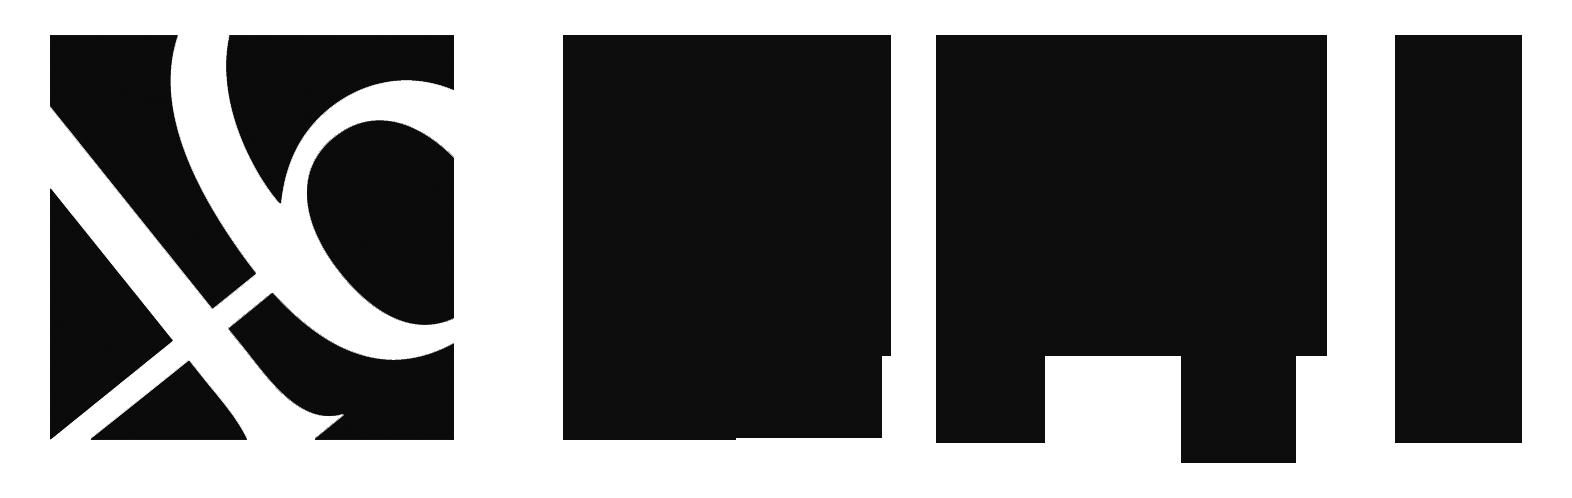 Logo BNI (Bank Negara Indonesia) 46 VectorHitam Putih